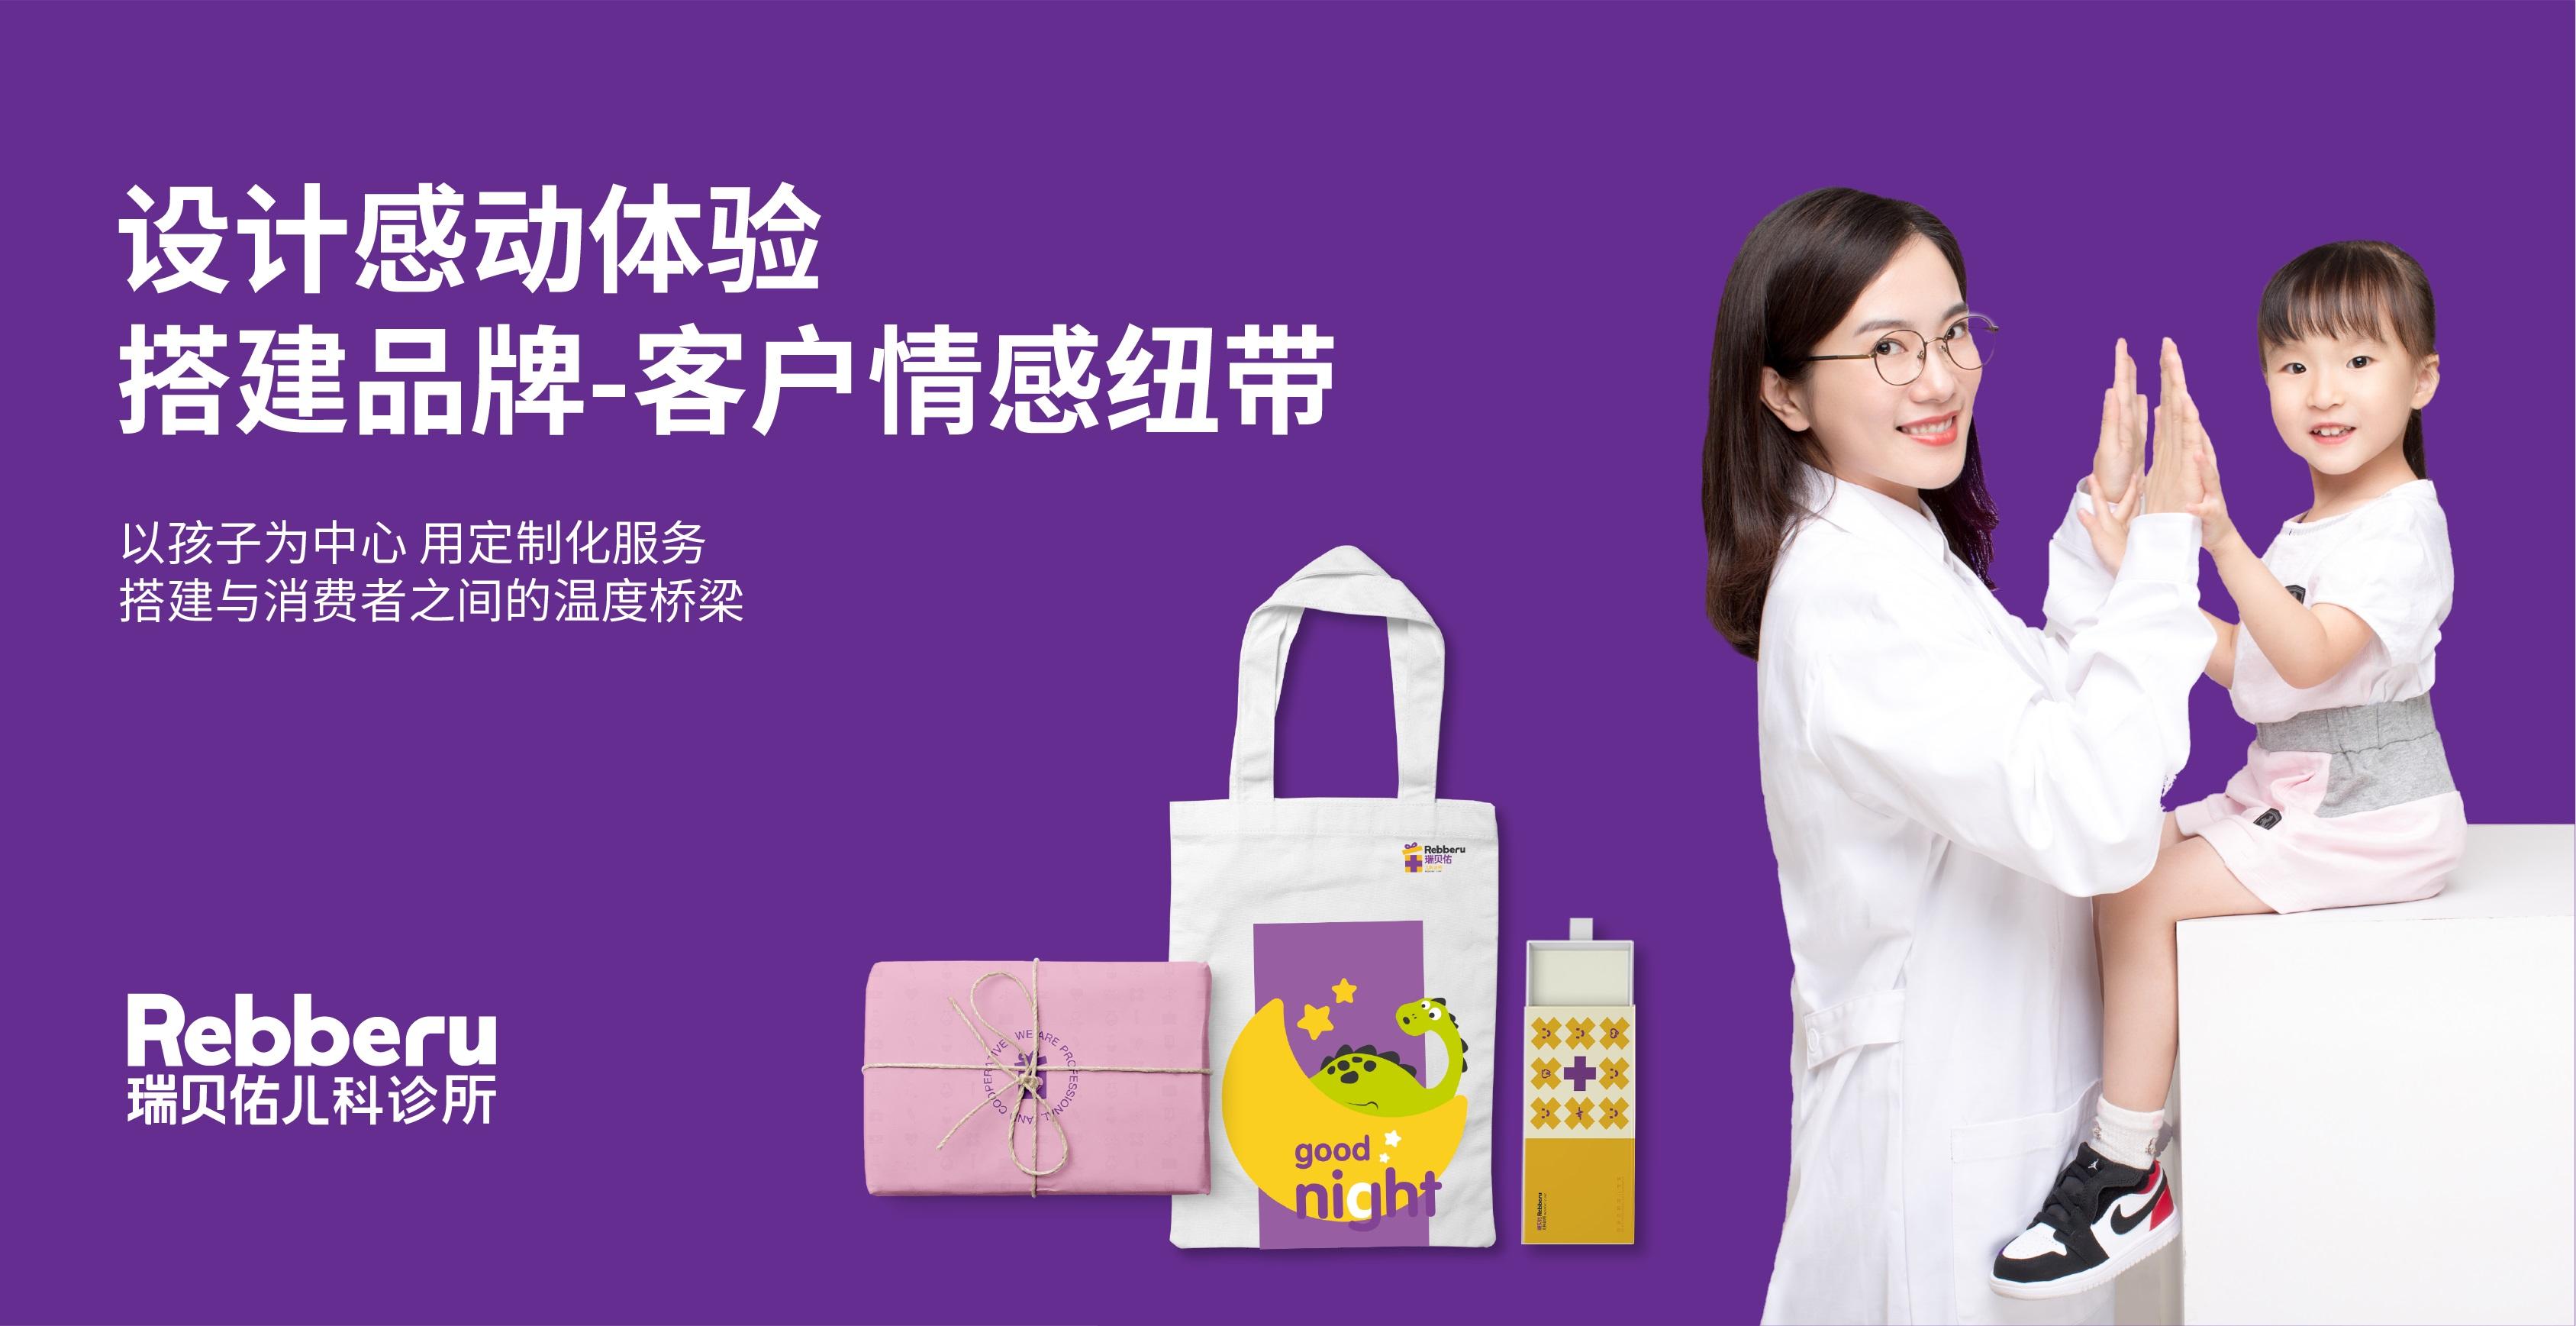 真善美药房万博官网manbetx登陆app平台